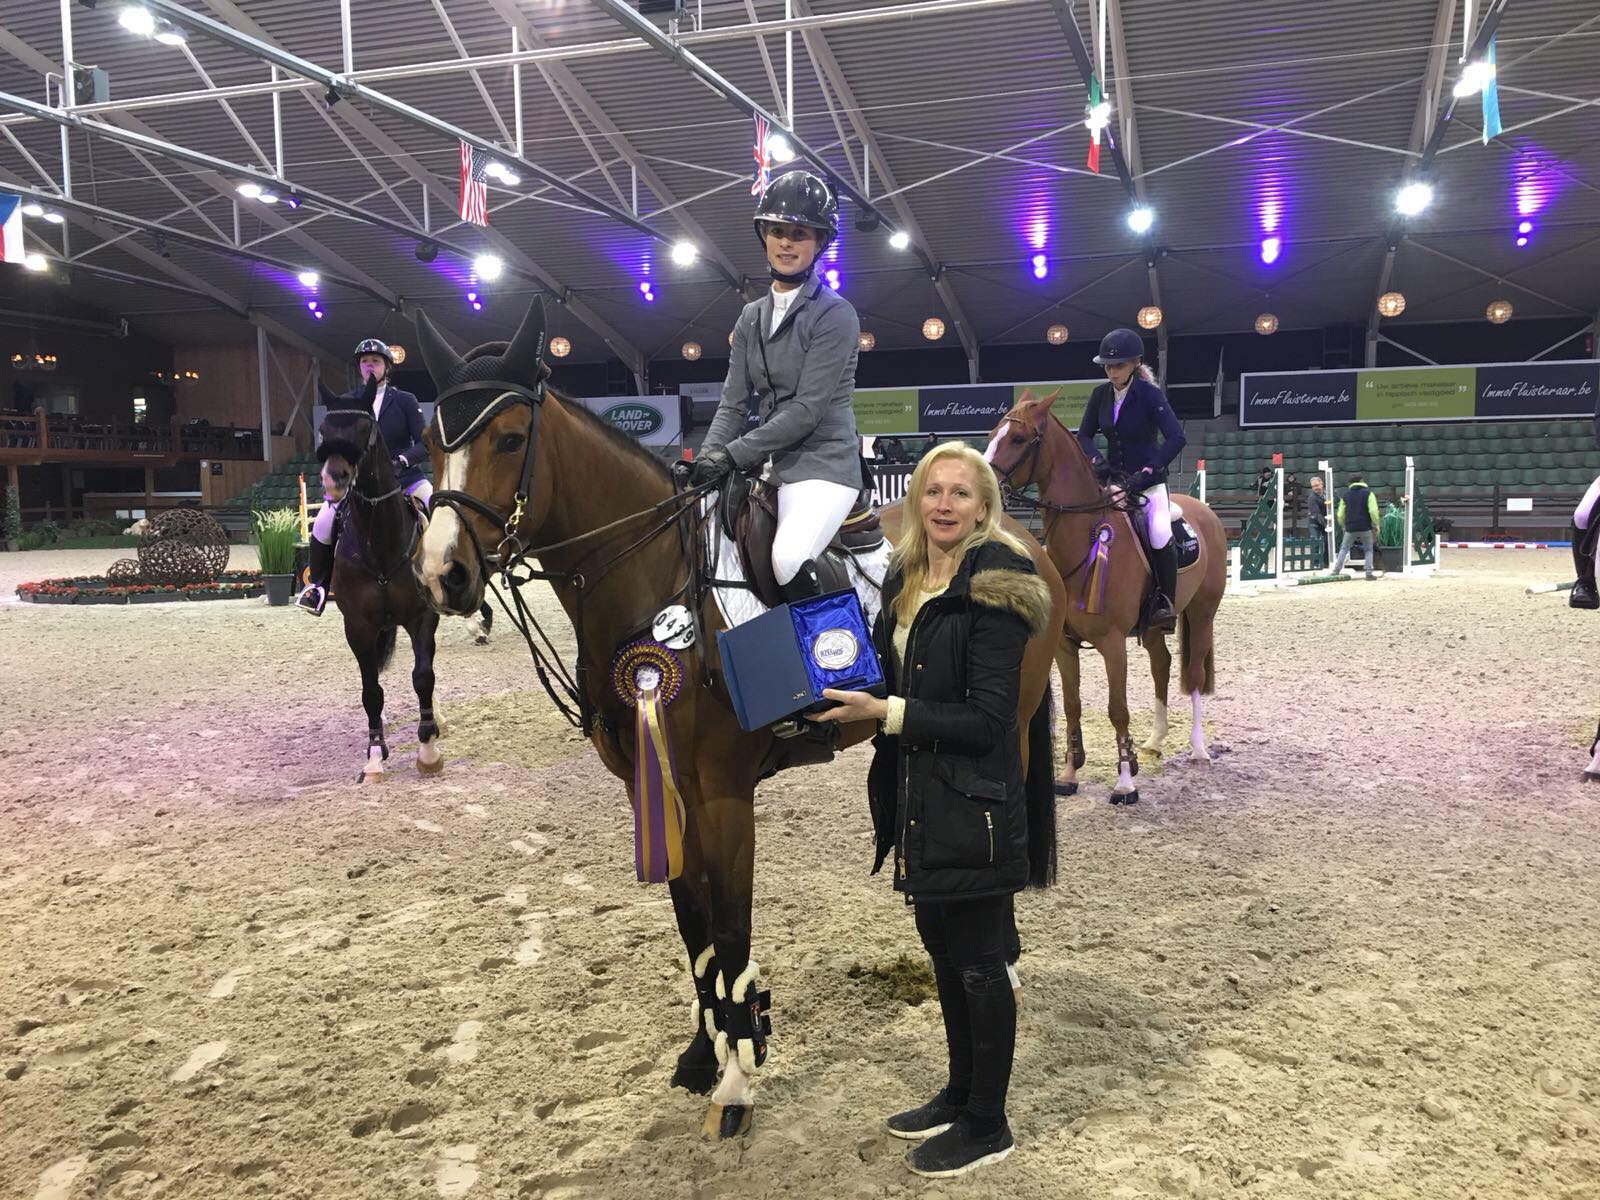 Nicole Mestrom en Michiel De Ruijeter scoren in Kronenberg - Equnews Nederland